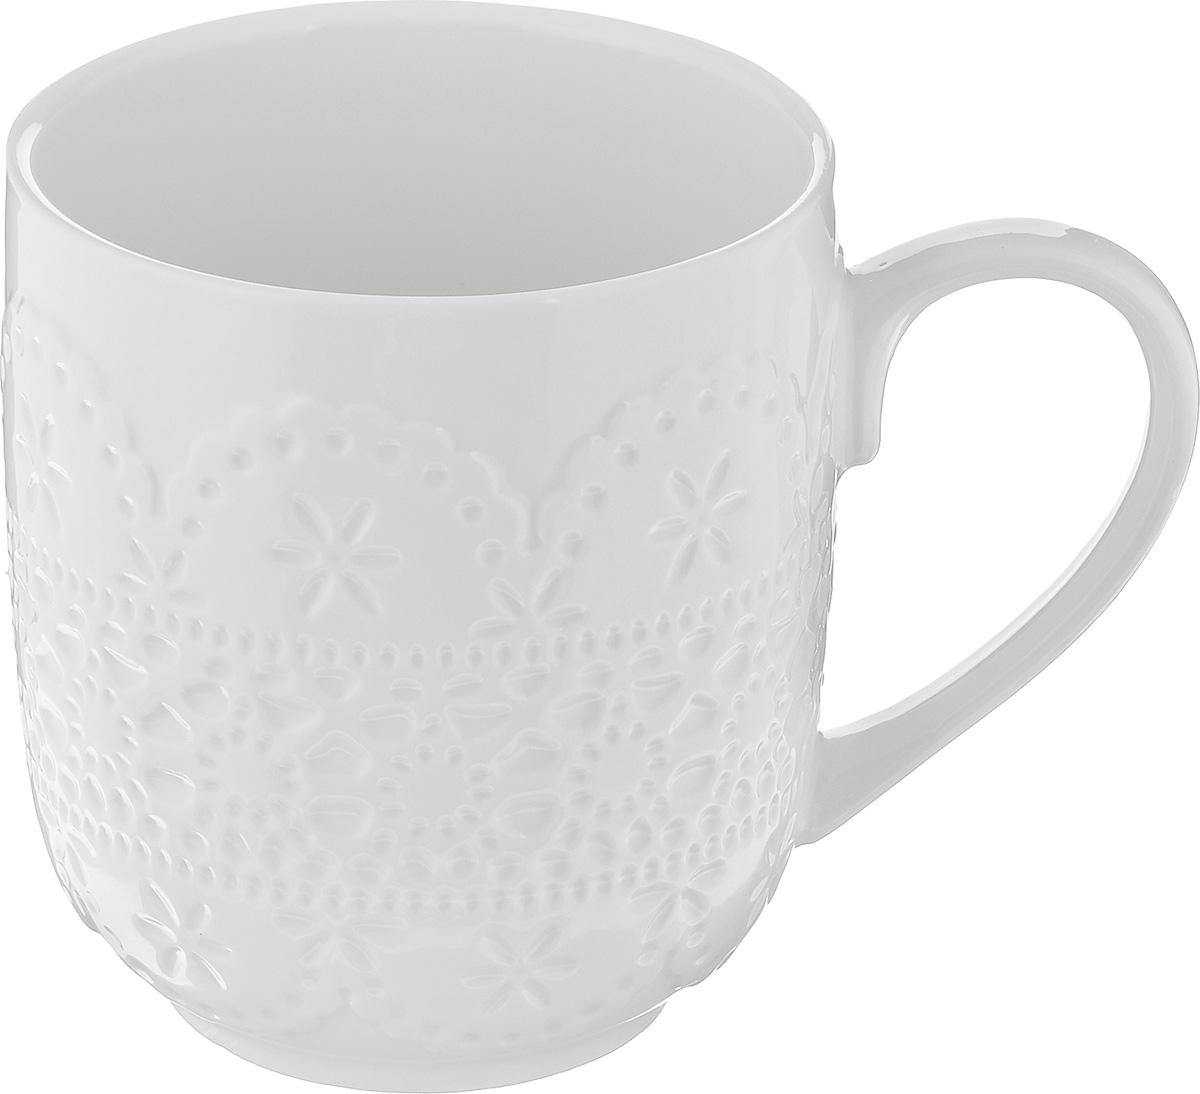 Кружка Walmer Charlotte, цвет: белый, 300 млW07320030Кружка Walmer Charlotte изготовлена из высококачественного фарфора. Изделие оформлено изысканным рельефным орнаментом.Такая кружка прекрасно оформит стол к чаепитию и станет его неизменным атрибутом. Не рекомендуется применять абразивные моющие средства.Диаметр (по верхнему краю): 8 см.Высота: 9,5 см.